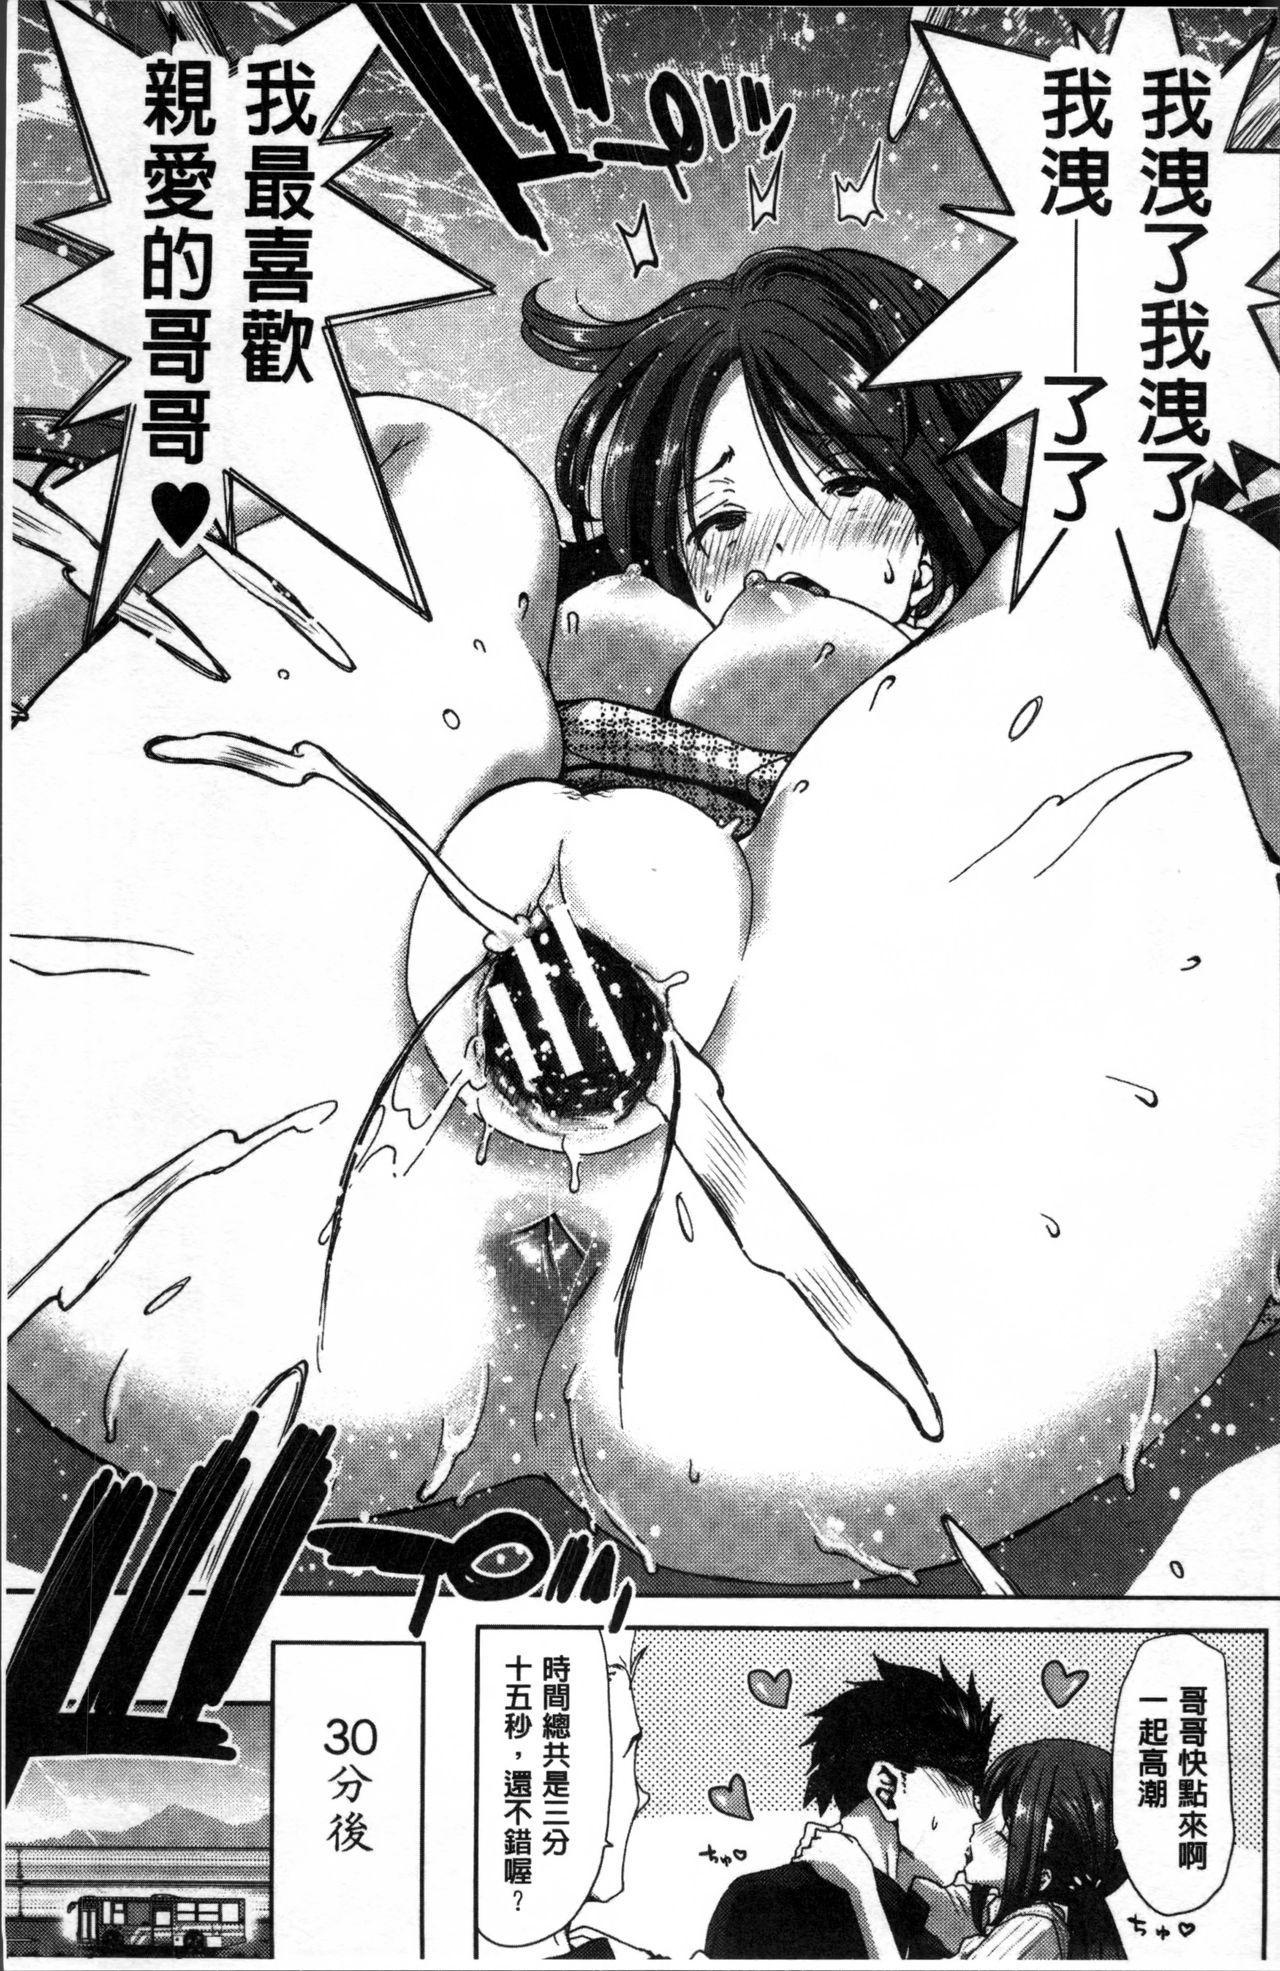 Imouto dakedo Oniichan, H Shiyo! H Shiyo! H Shiyou yo! 181